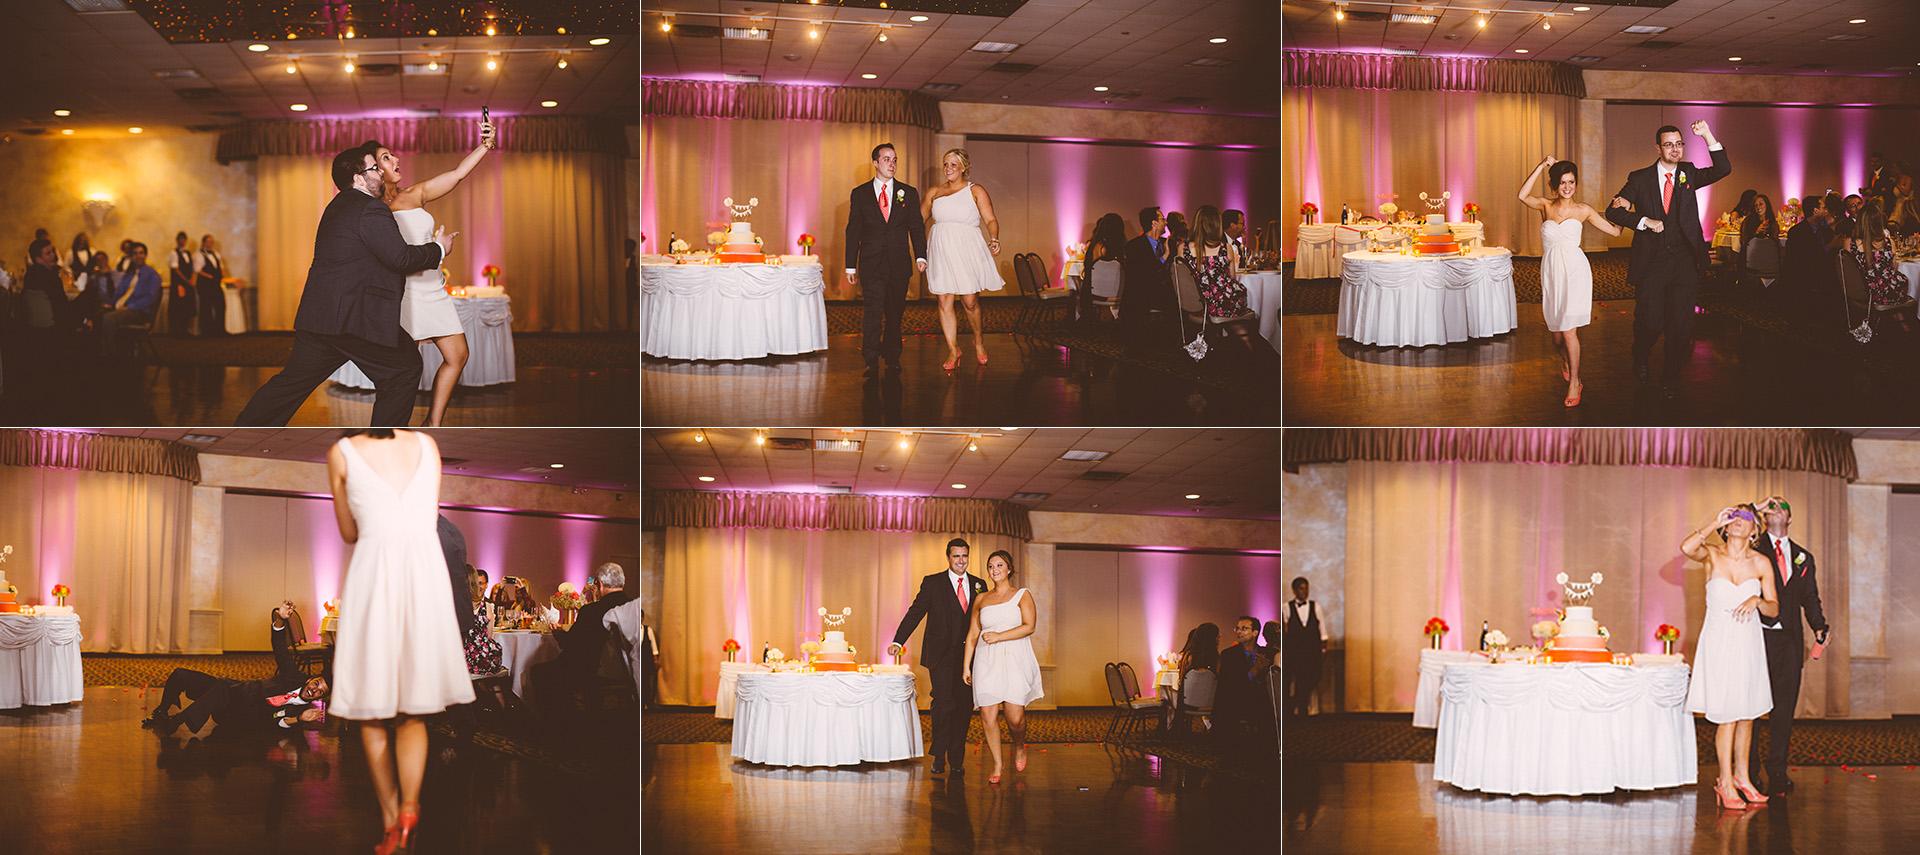 Amasa Stone Chapel Cleveland Wedding Photographer 47.jpg